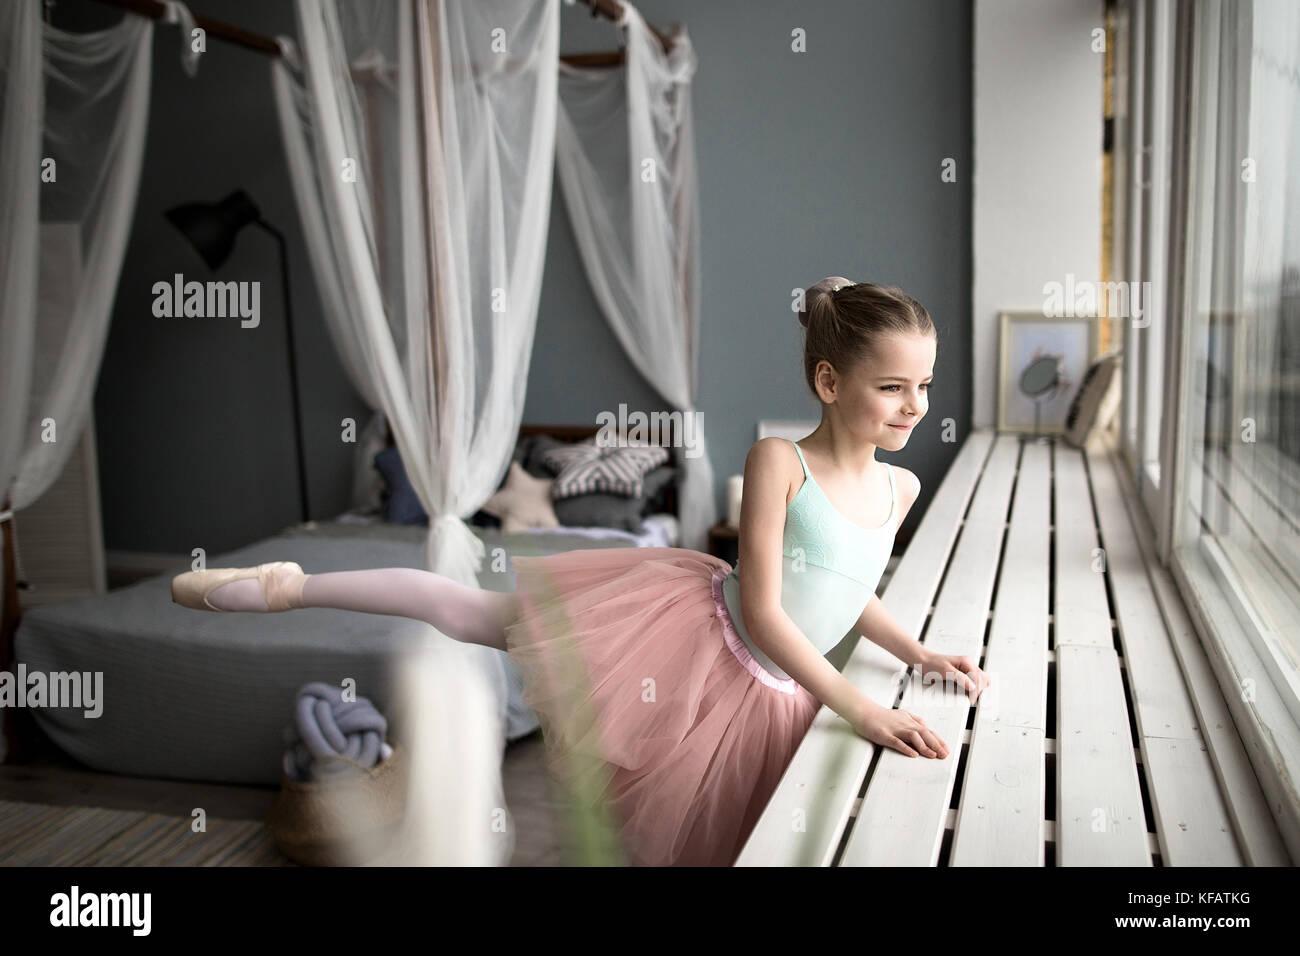 Cute little ballerina balé em cor-de-rosa bijuterias e pointe sapatos está dançando no quarto. Criança Imagens de Stock